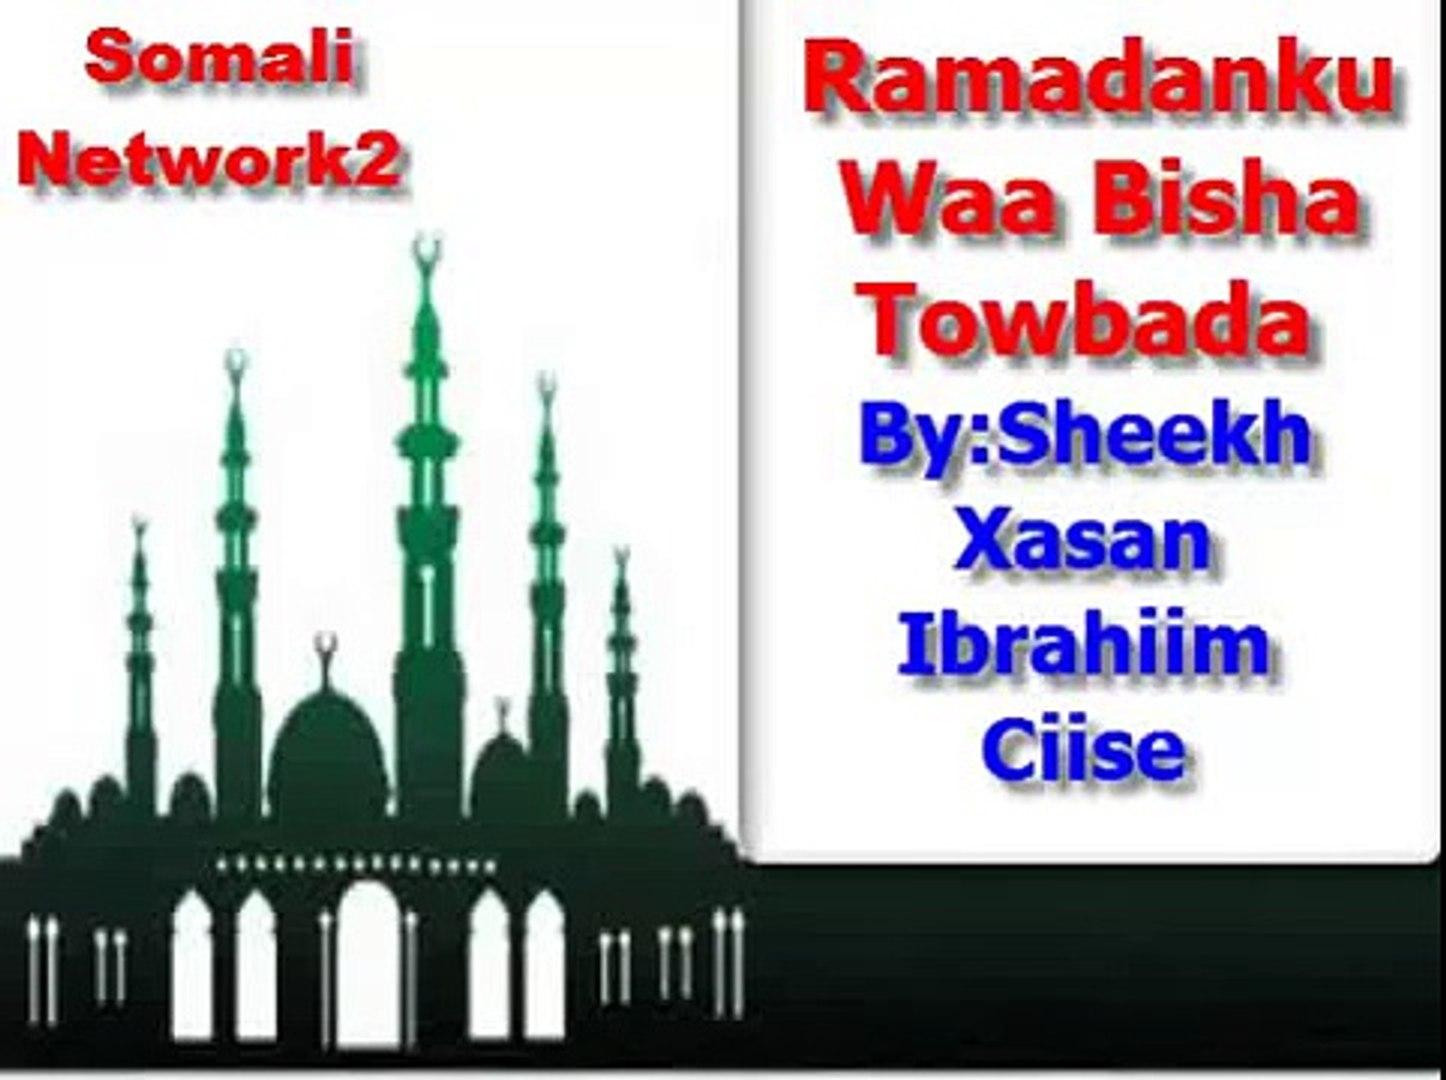 Ramadanku Waa Bisha Towbada Sheekh Xasan Ibrahiim Ciise